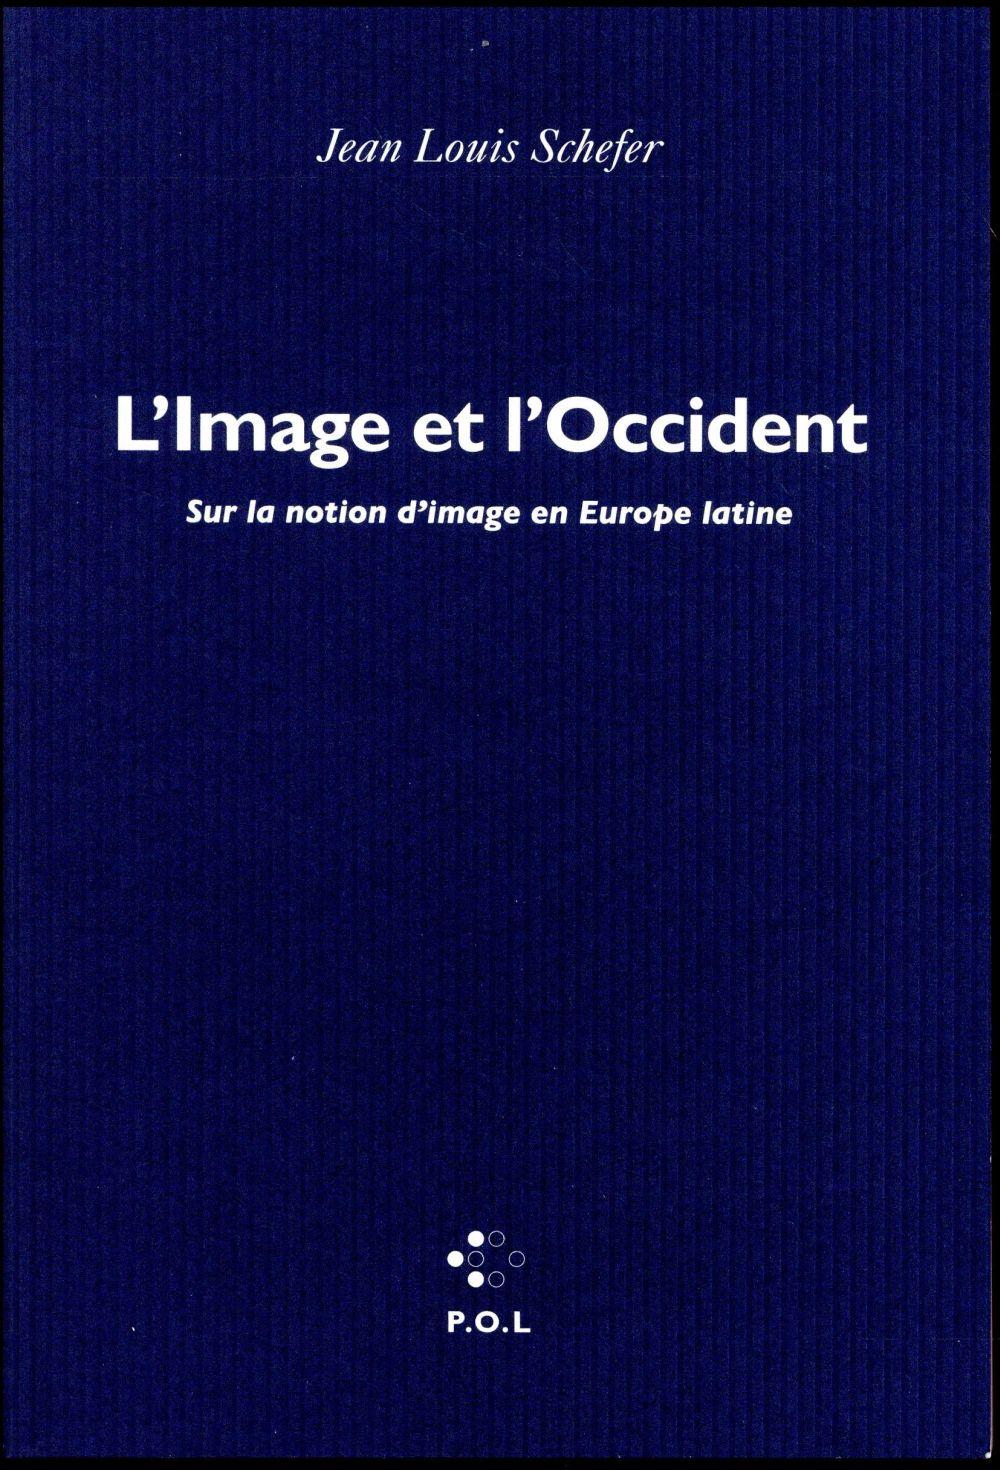 L'Image et l'Occident. Sur la notion d'image en Europe latine